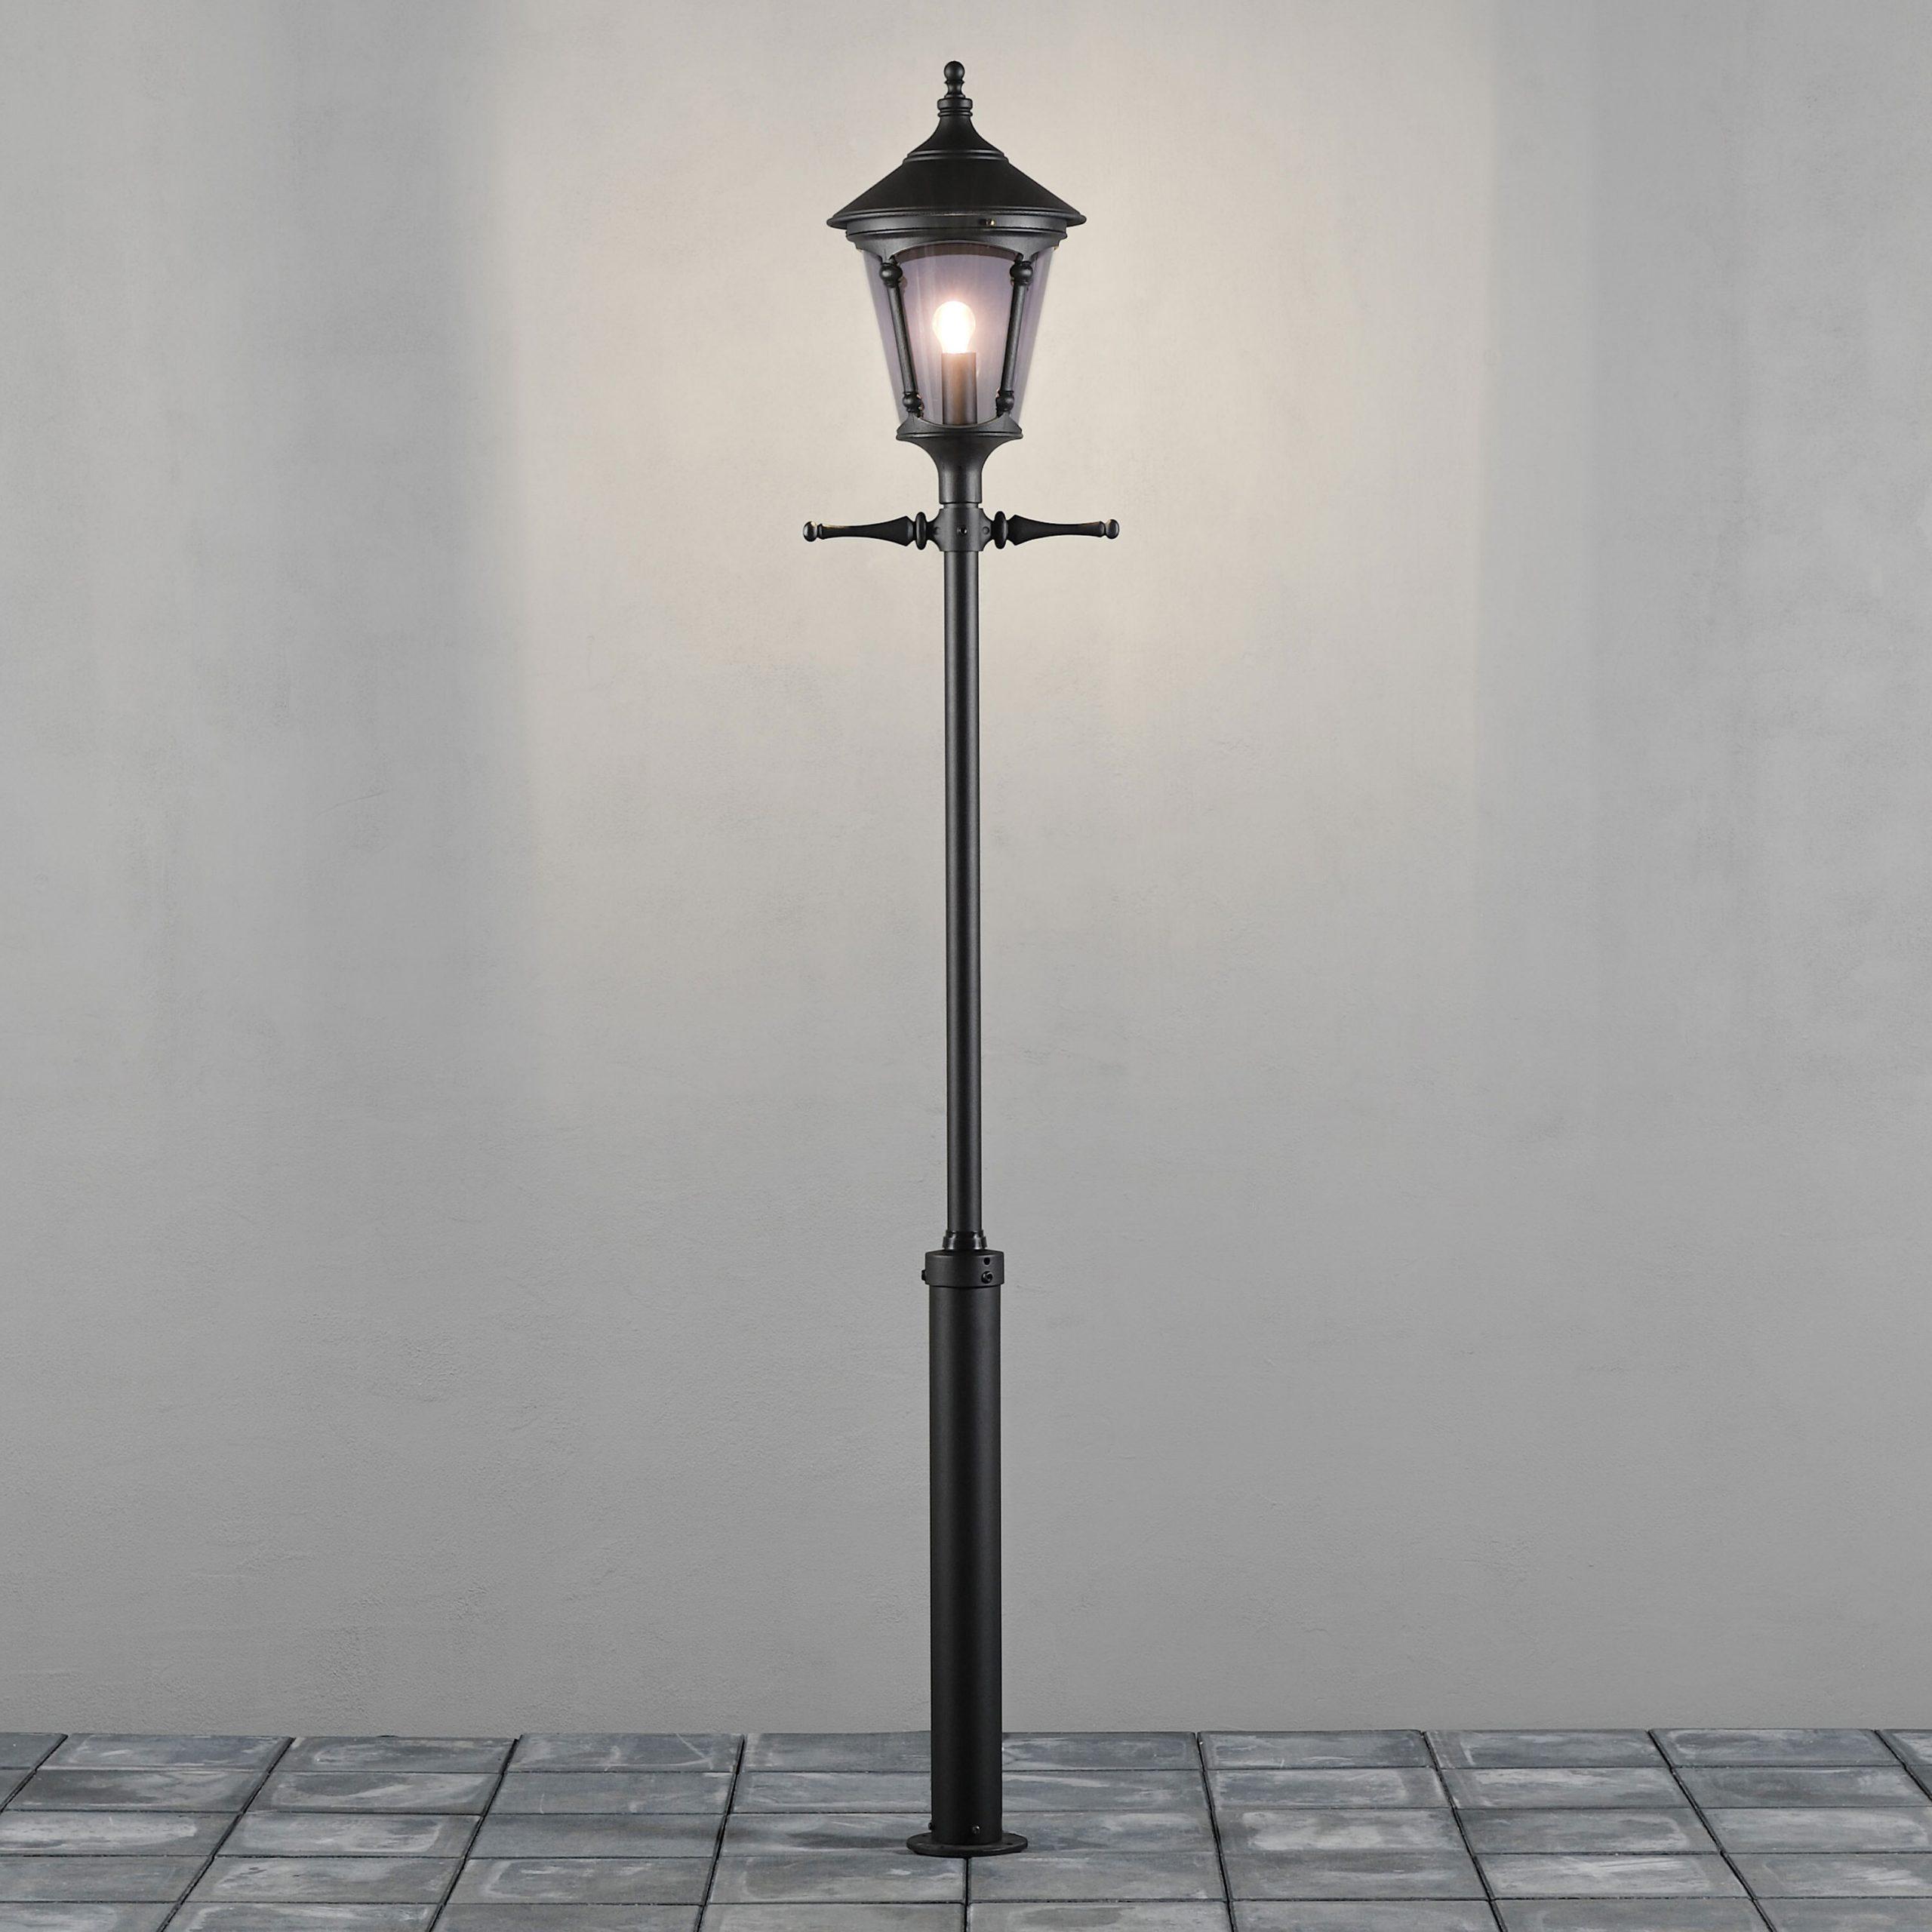 Konstsmide Staande Buitenlamp 'Virgo' 255cm hoog, E27 max 100W / 230V, kleur Zwart   Konstsmide